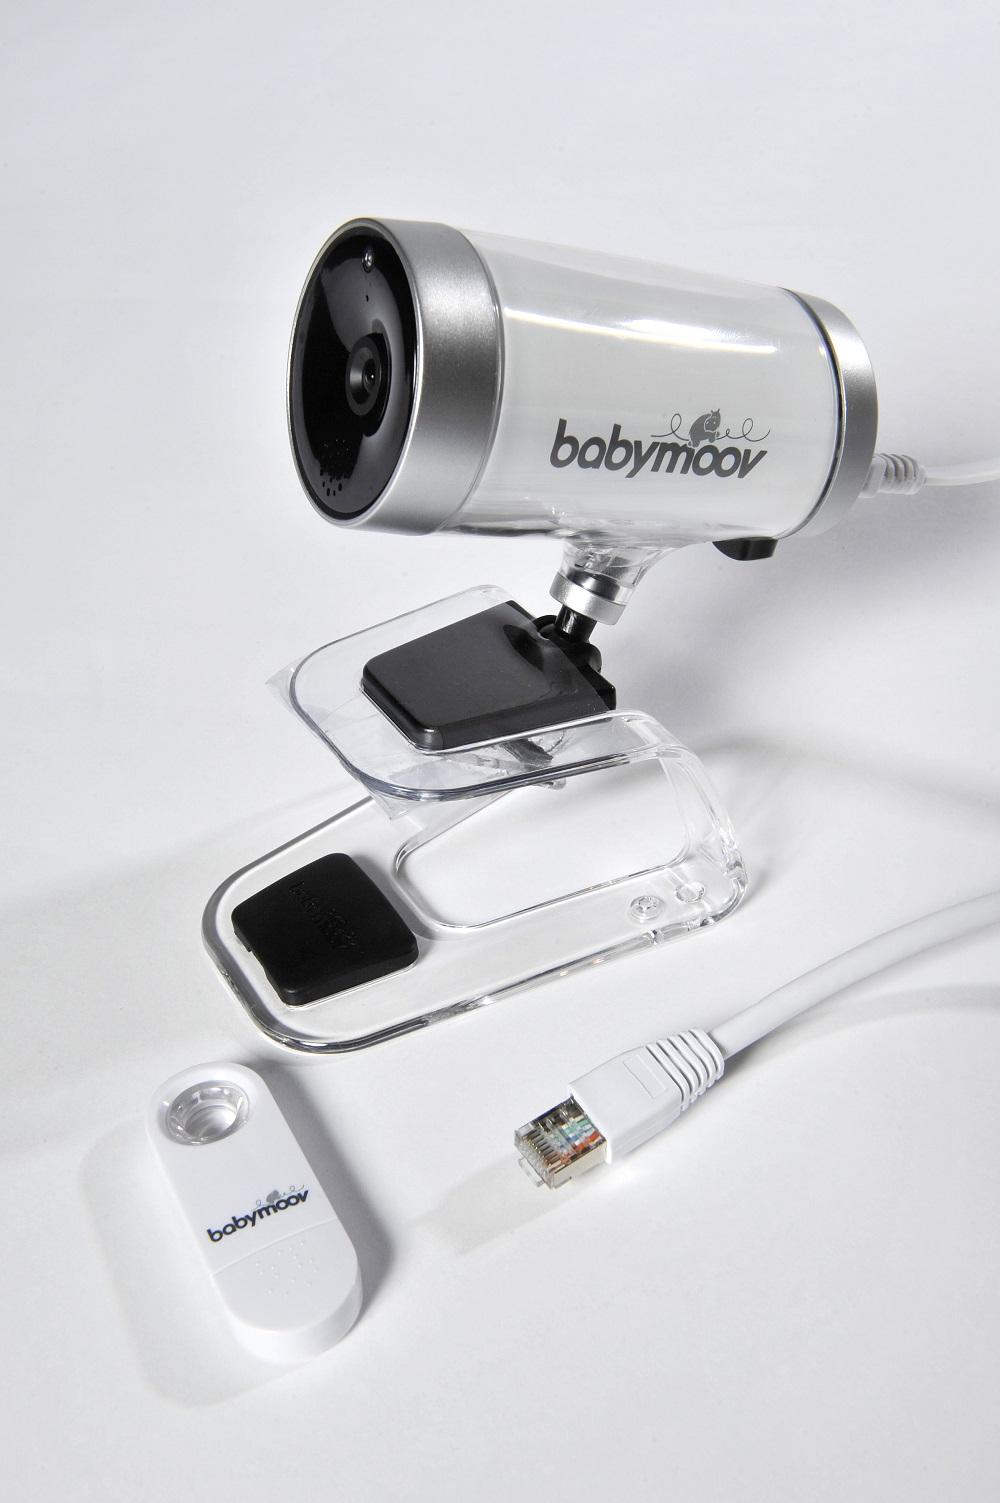 babymoov-camera